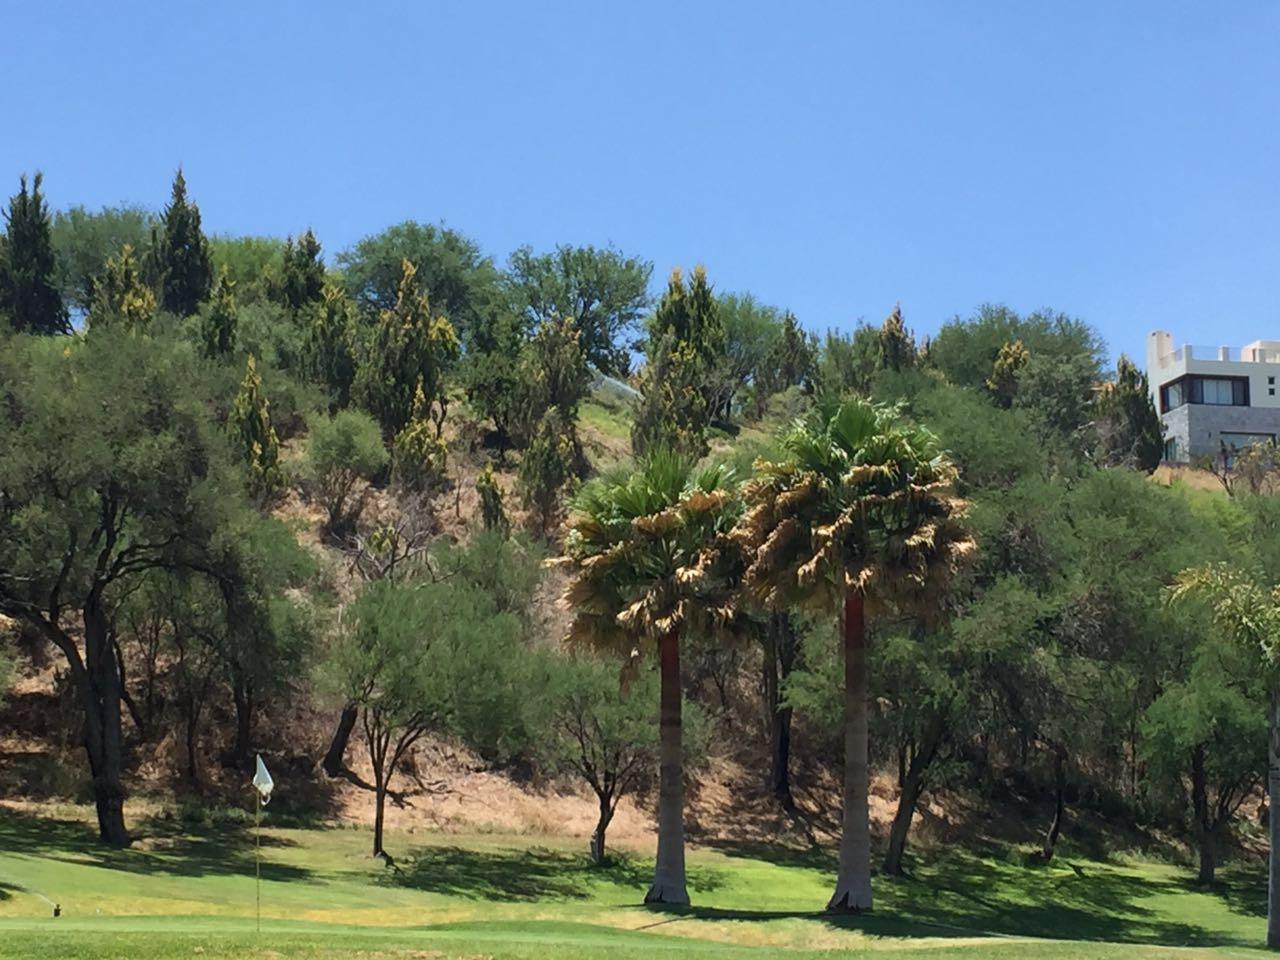 Eden Los Sabinos arboles y palmeras